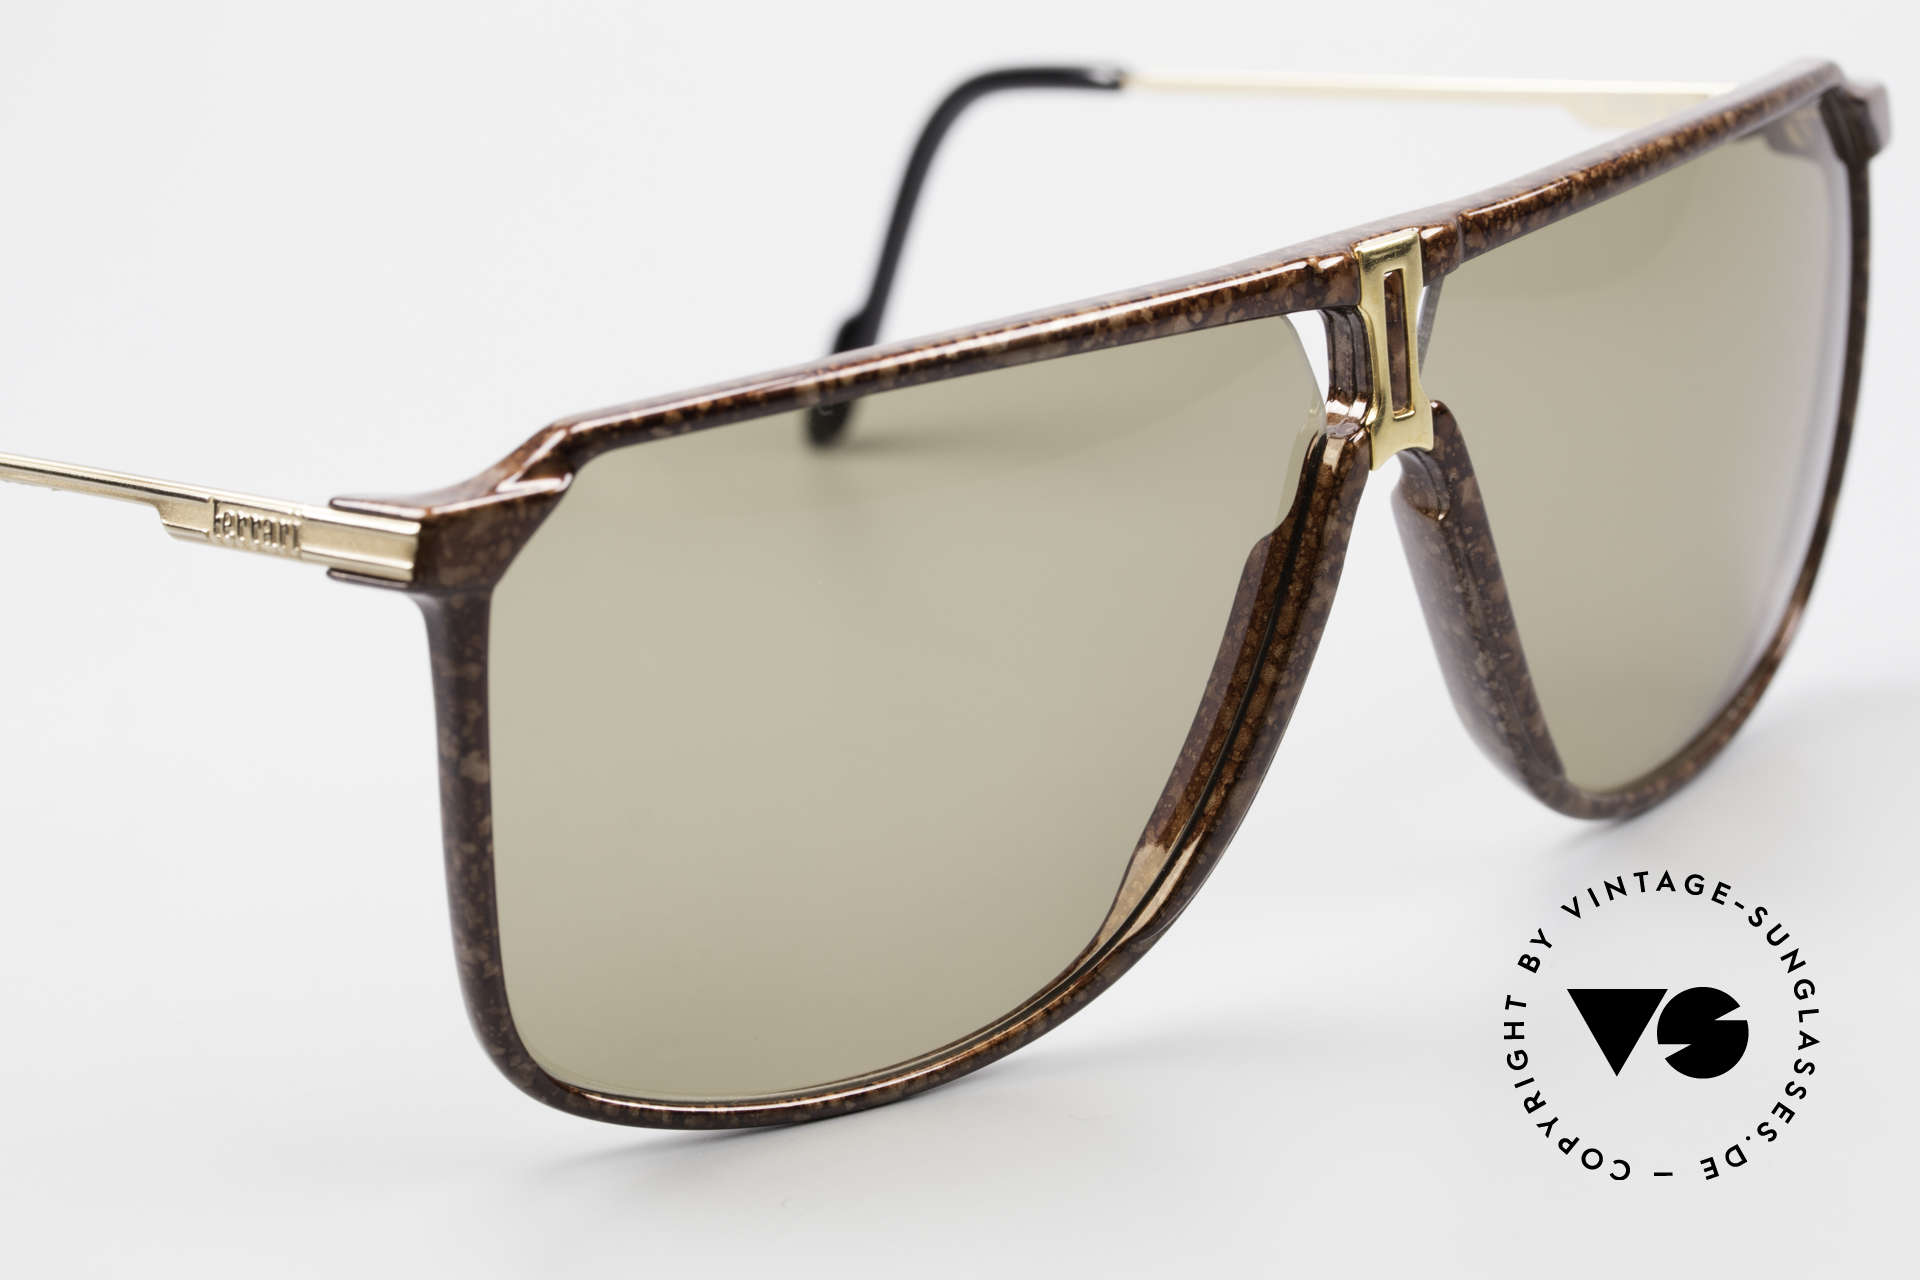 Ferrari F37/S 90er XL Sonnenbrille Karbon, ungetragen (wie alle unsere vintage Sonnenbrillen), Passend für Herren